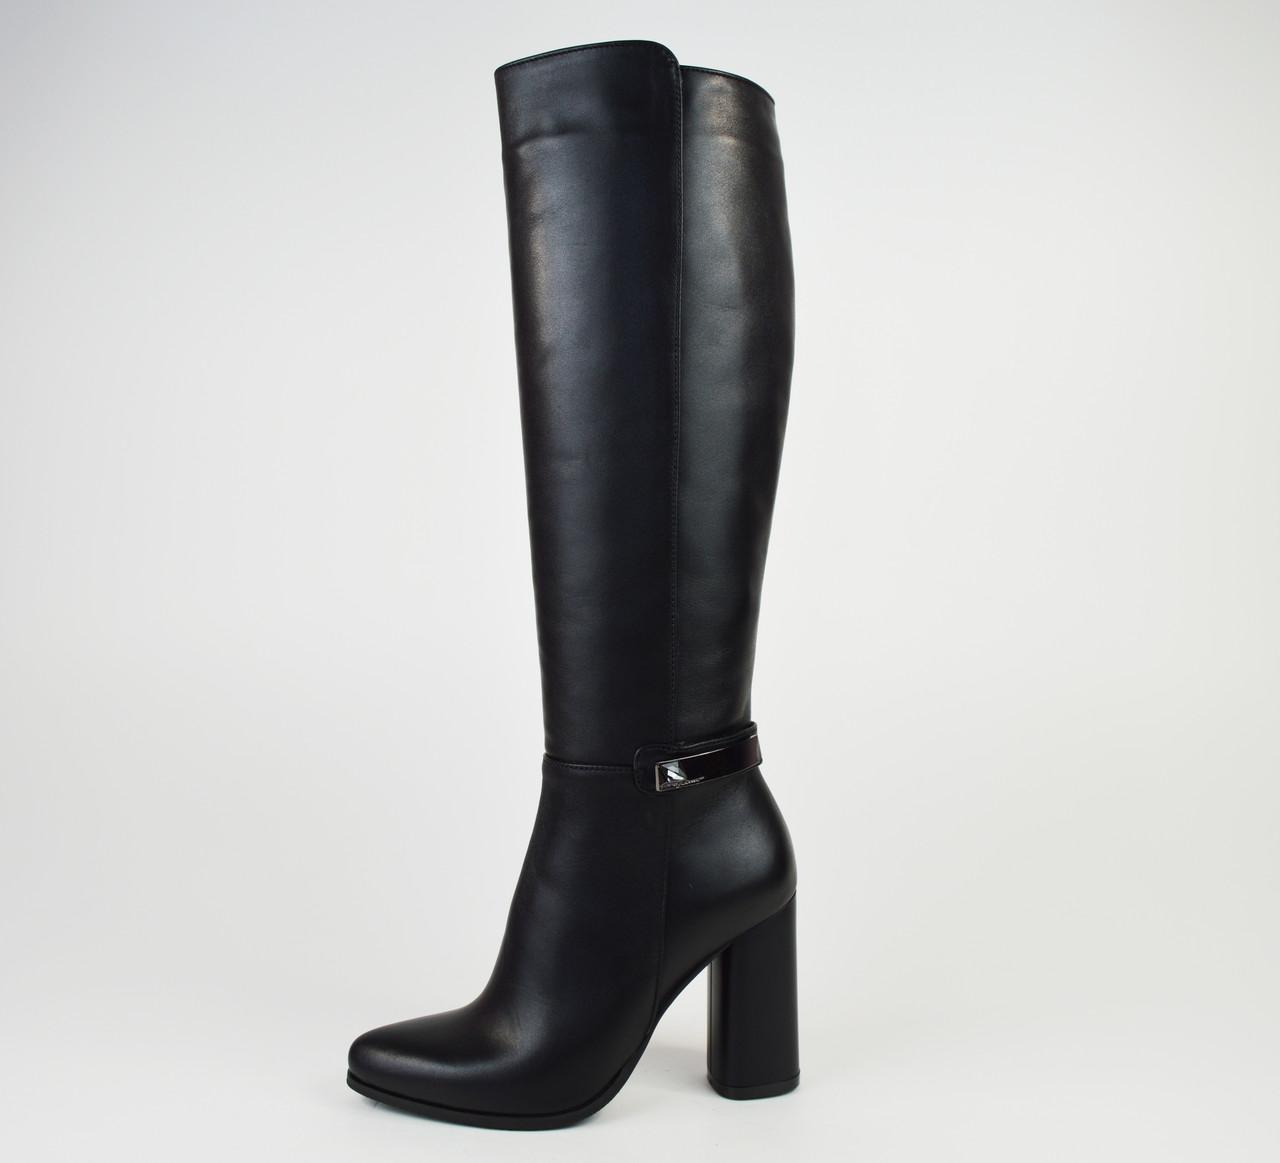 Сапоги кожаные на высоком каблуке Nivelle 5558